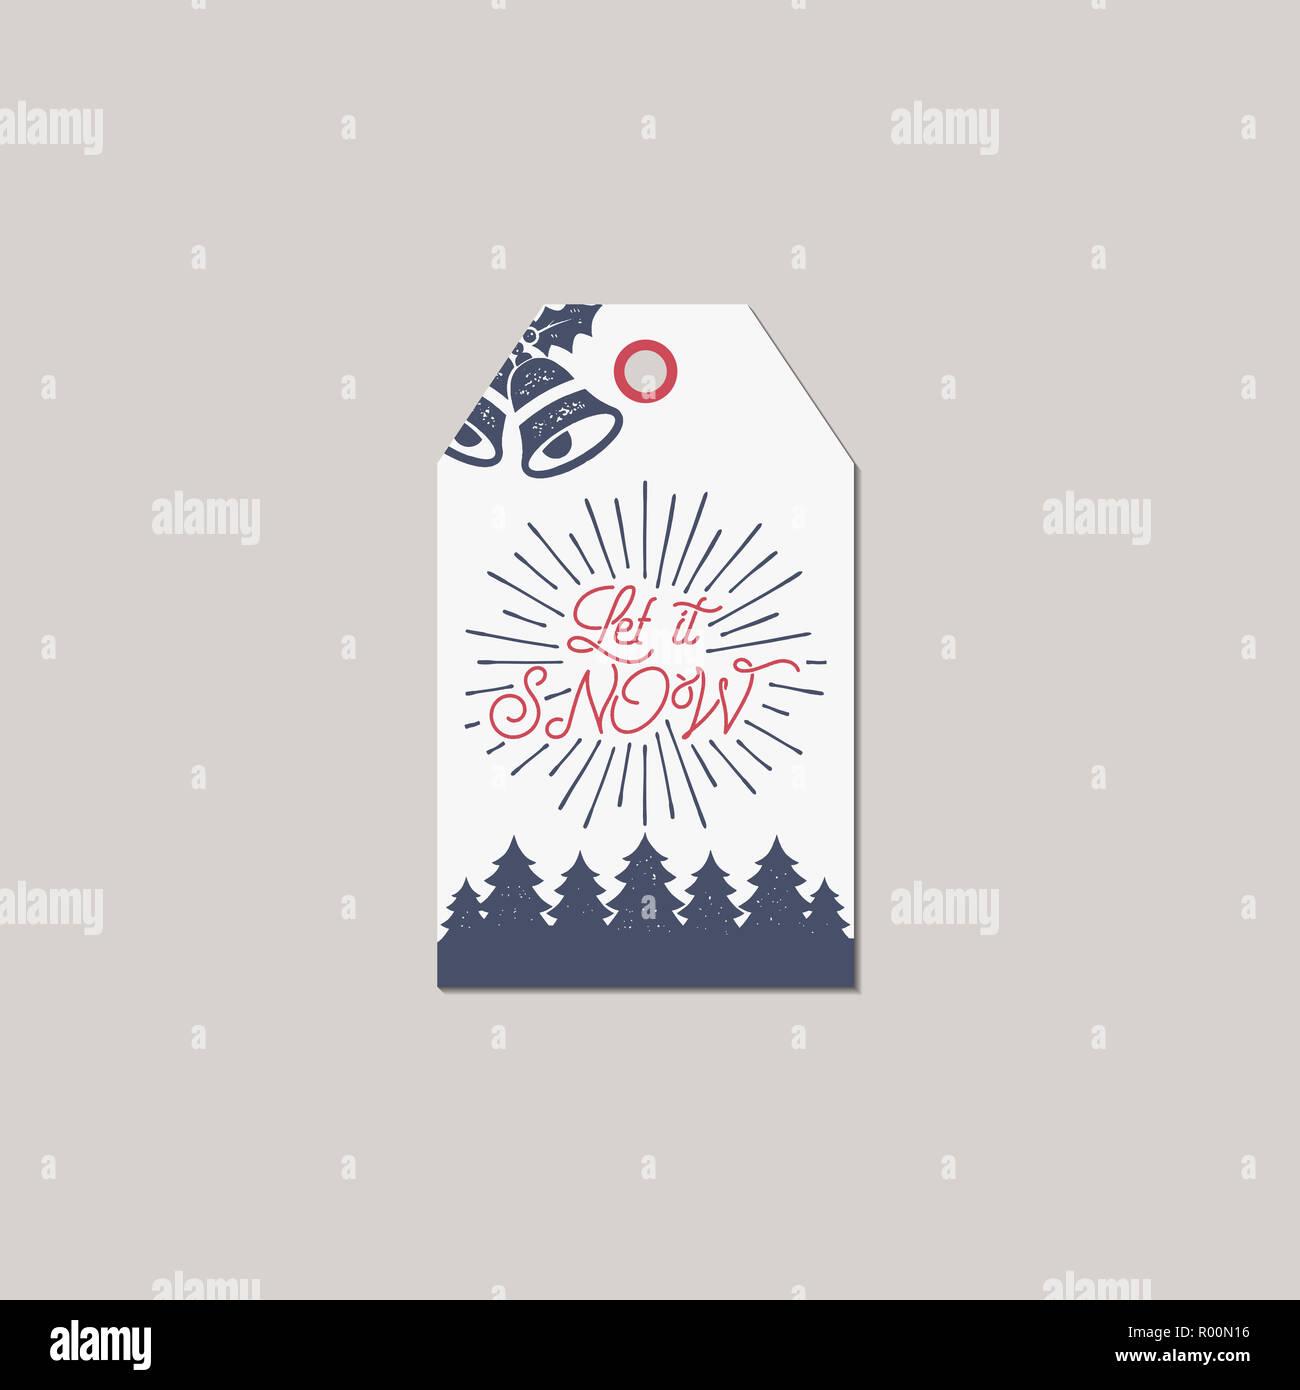 Geschenkanhänger Frohe Weihnachten.Frohe Weihnachten Und Neues Jahr Geschenkanhänger Holiday Card